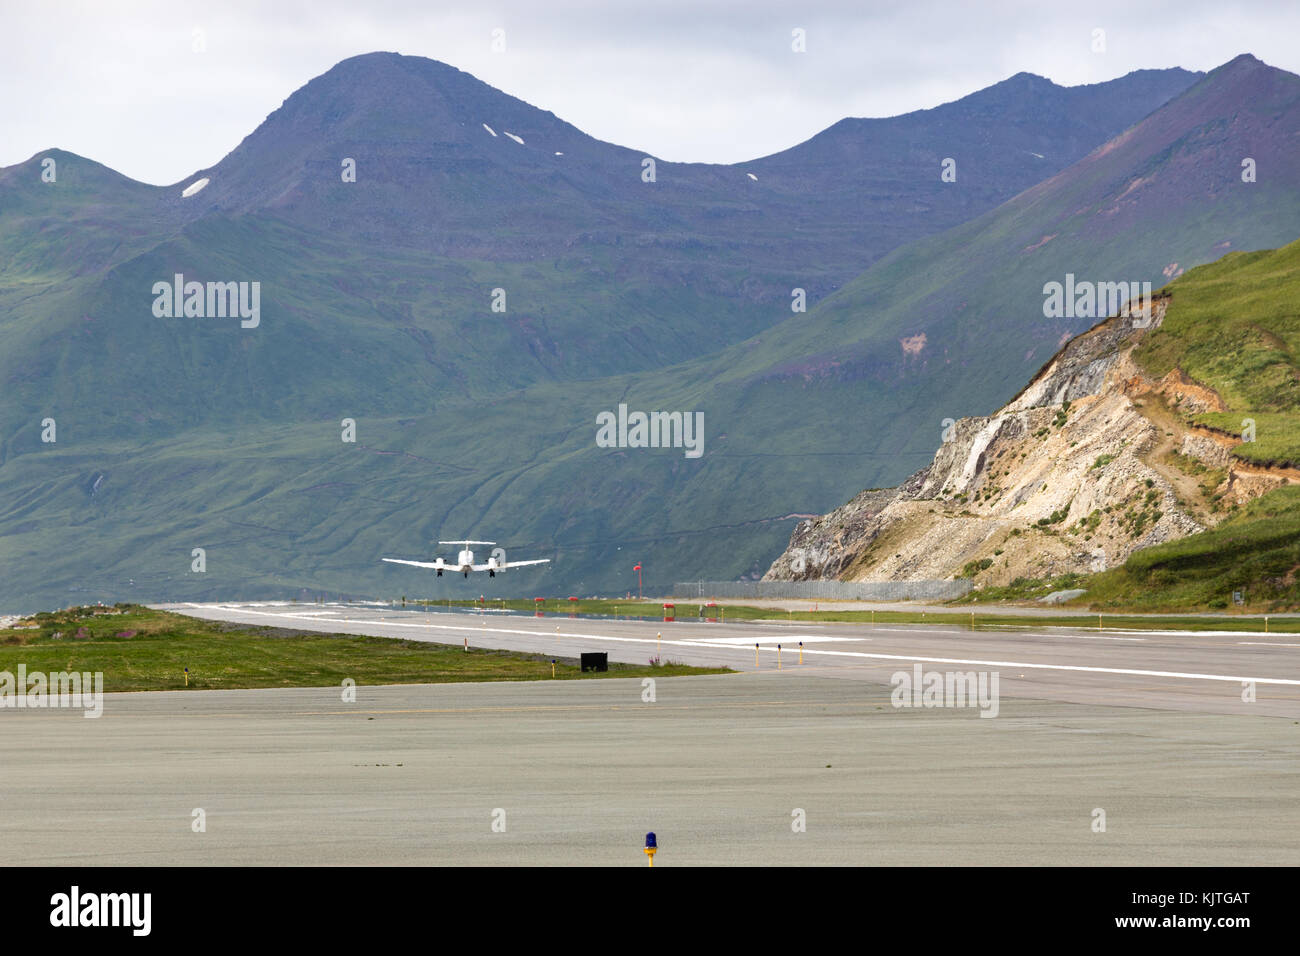 Harbor olandese, unalaska, Alaska, Stati Uniti d'America - agosto 14th, 2017: un aereo che decolla la pista Immagini Stock